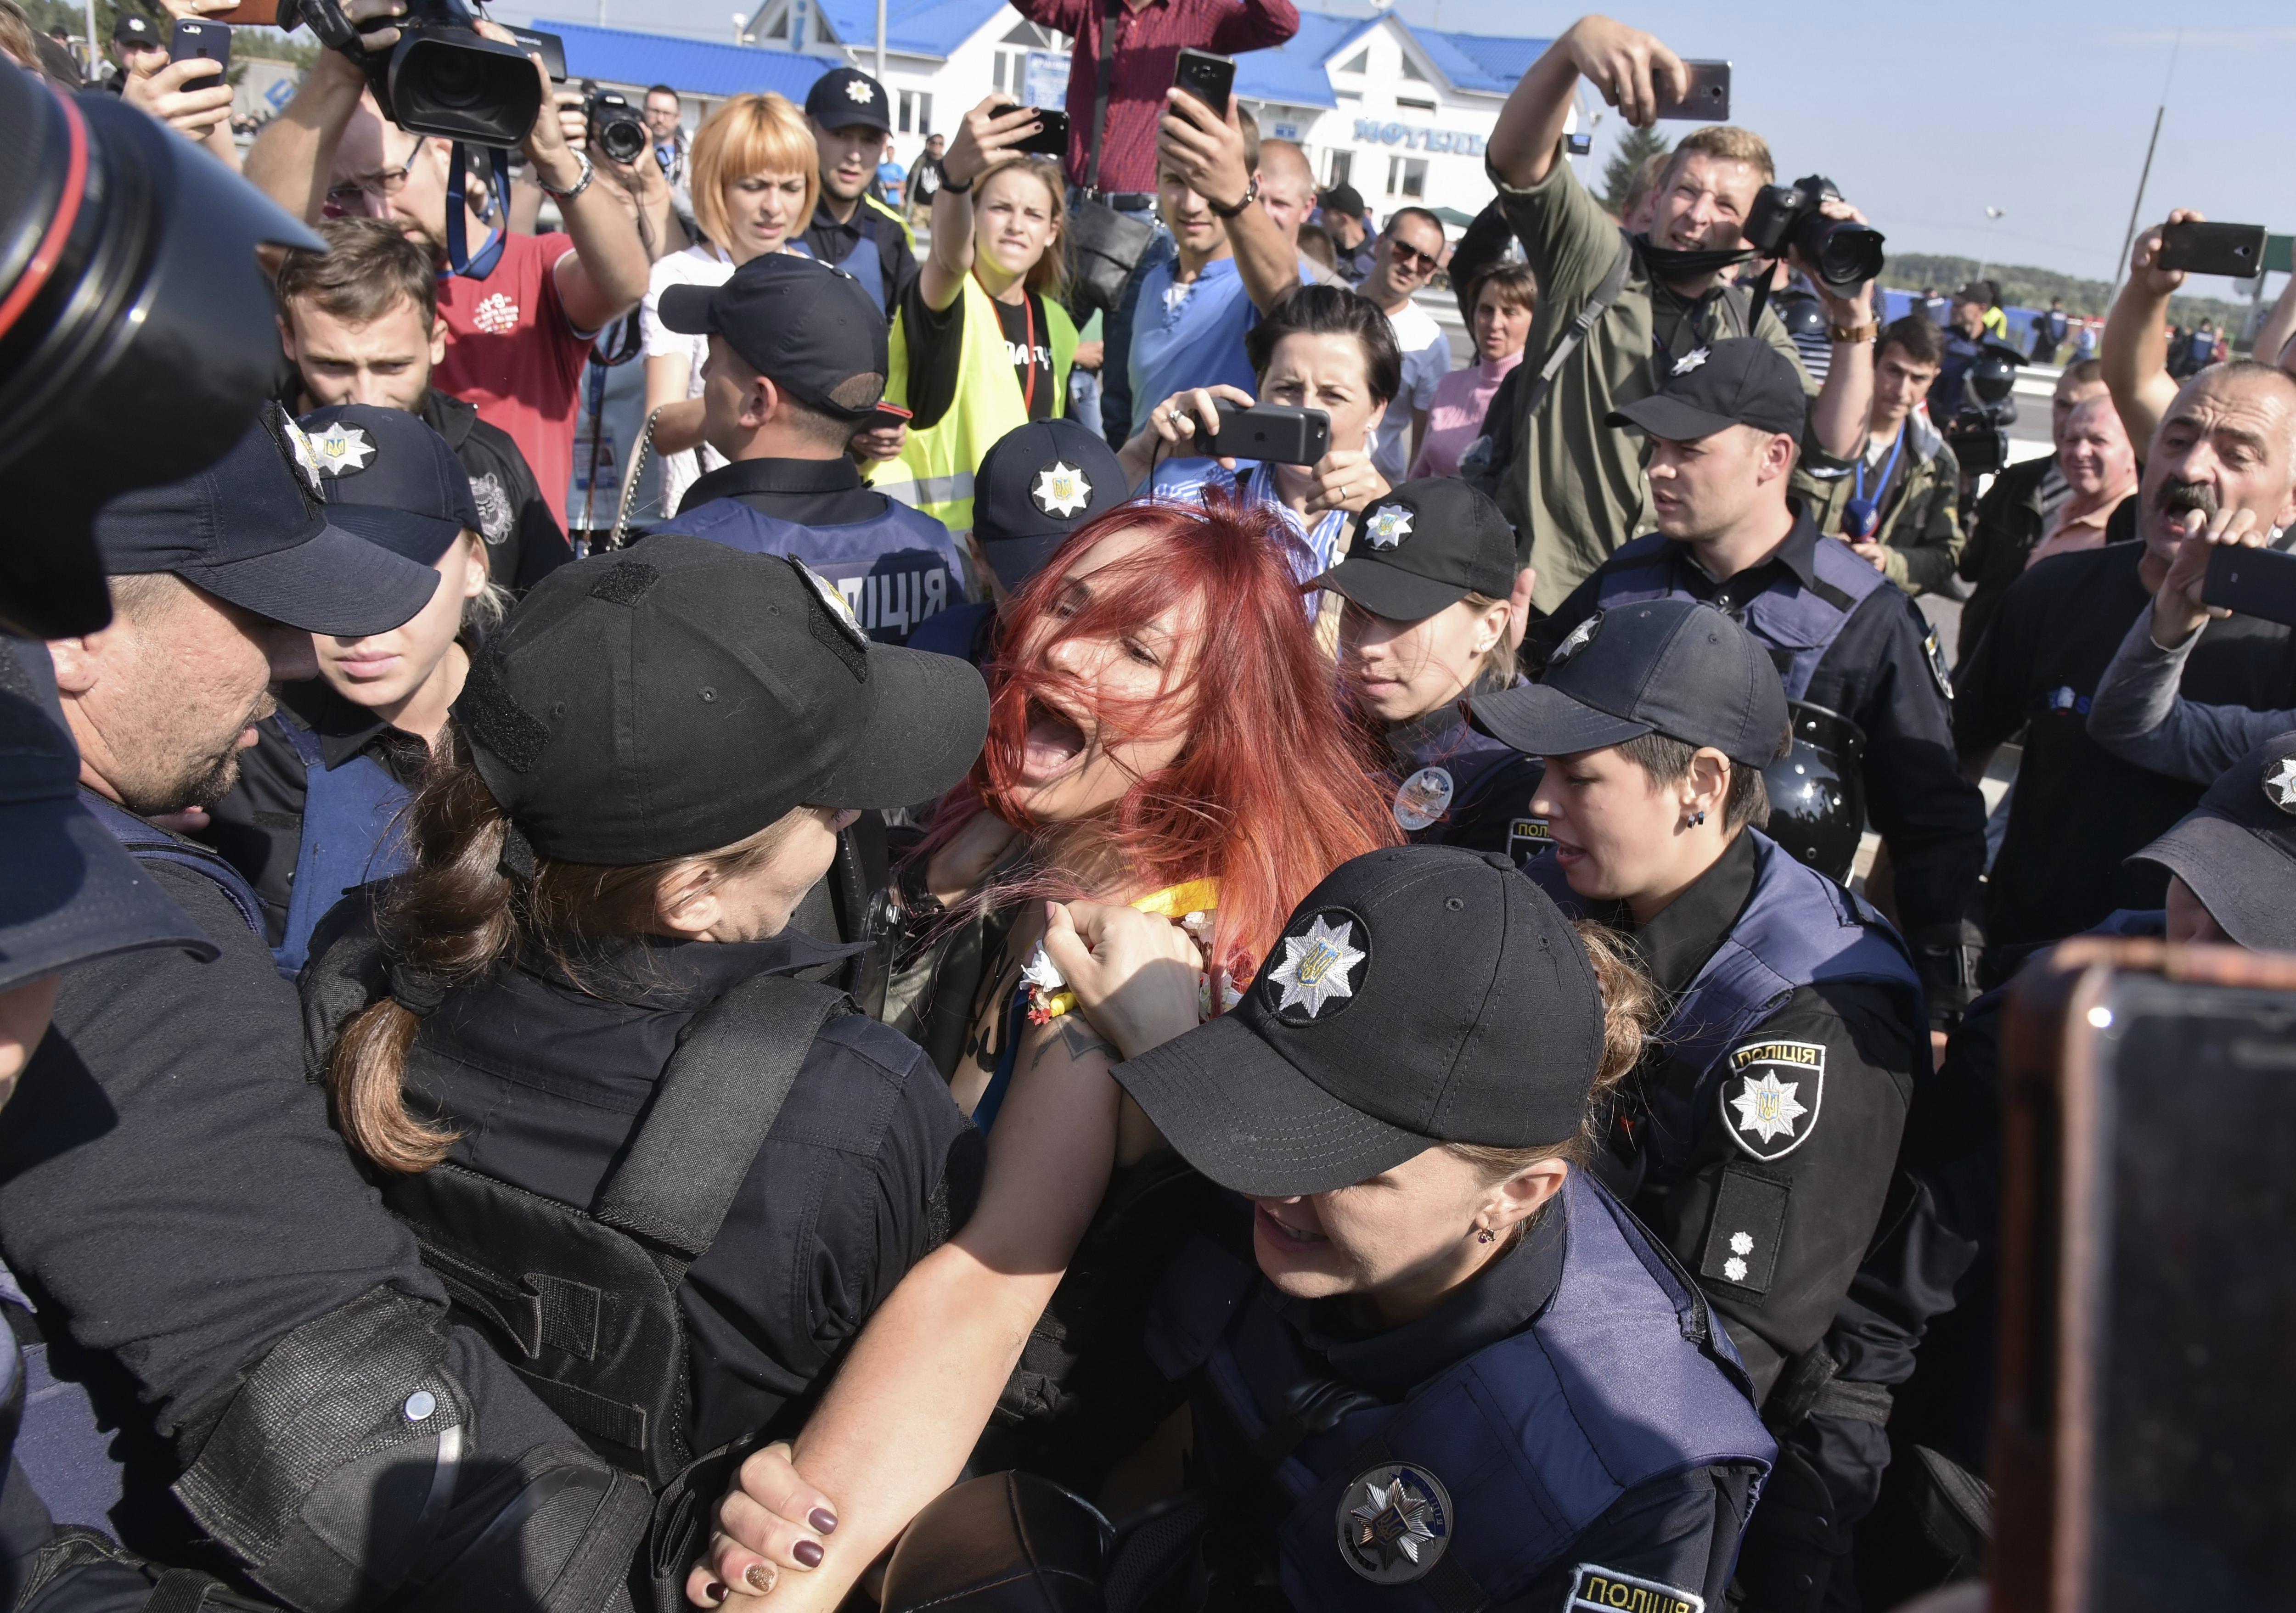 Els policies ucraïnesos detenen una activista en topless del moviment feminista Femen durant la seva protesta davant del pas de la frontera de Krakovets, Ucraïna. /MYKOLA TYS